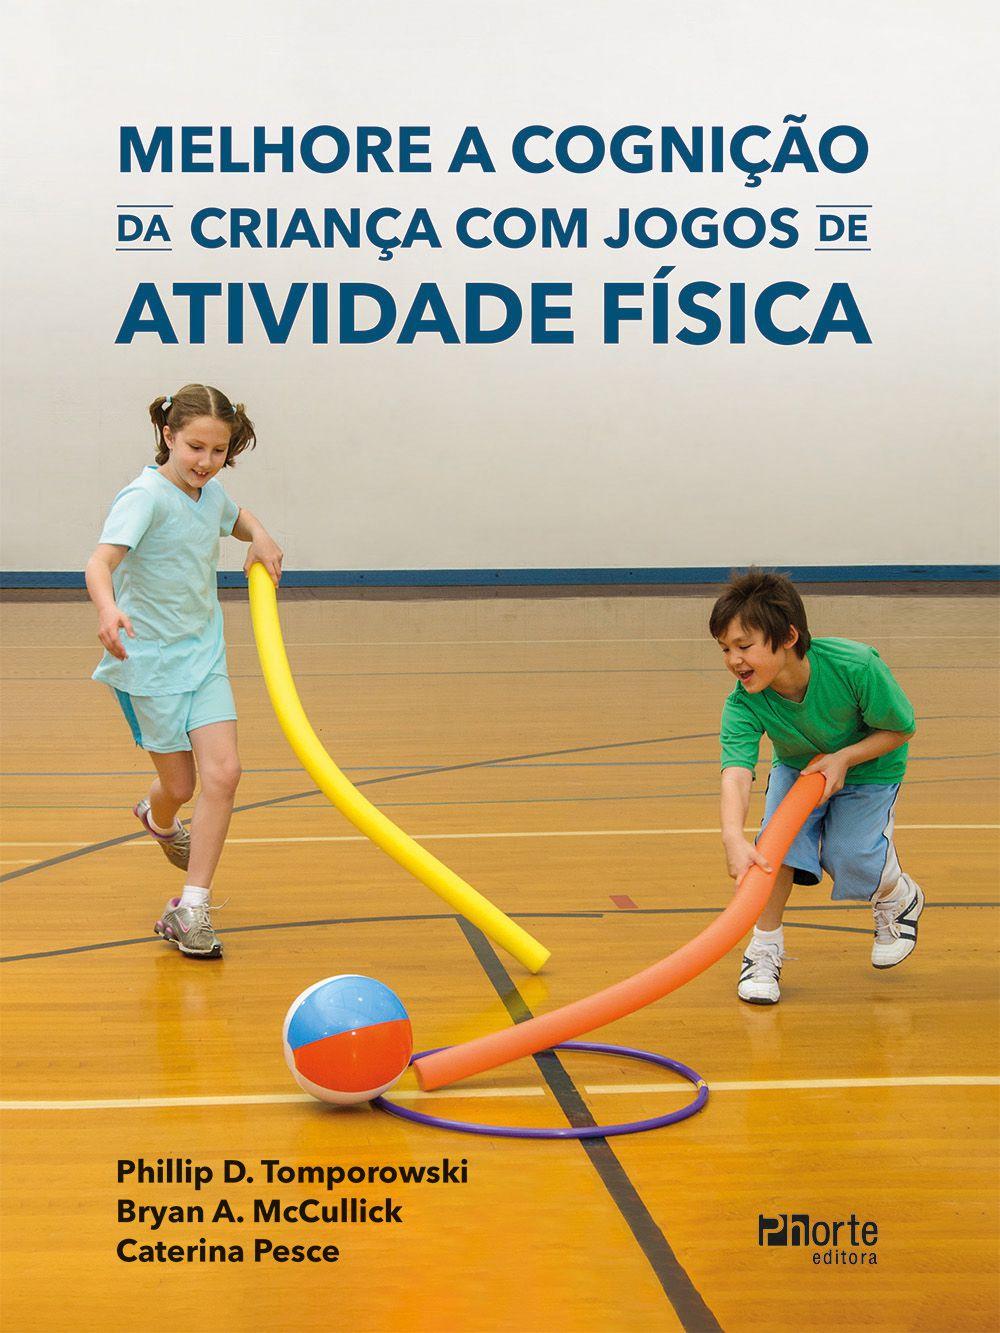 Melhore a cognição da criança com jogos de atividade física (Phillip Tomporowski, Bryan McCullick e Caterina Pesce)  - Phorte Editora